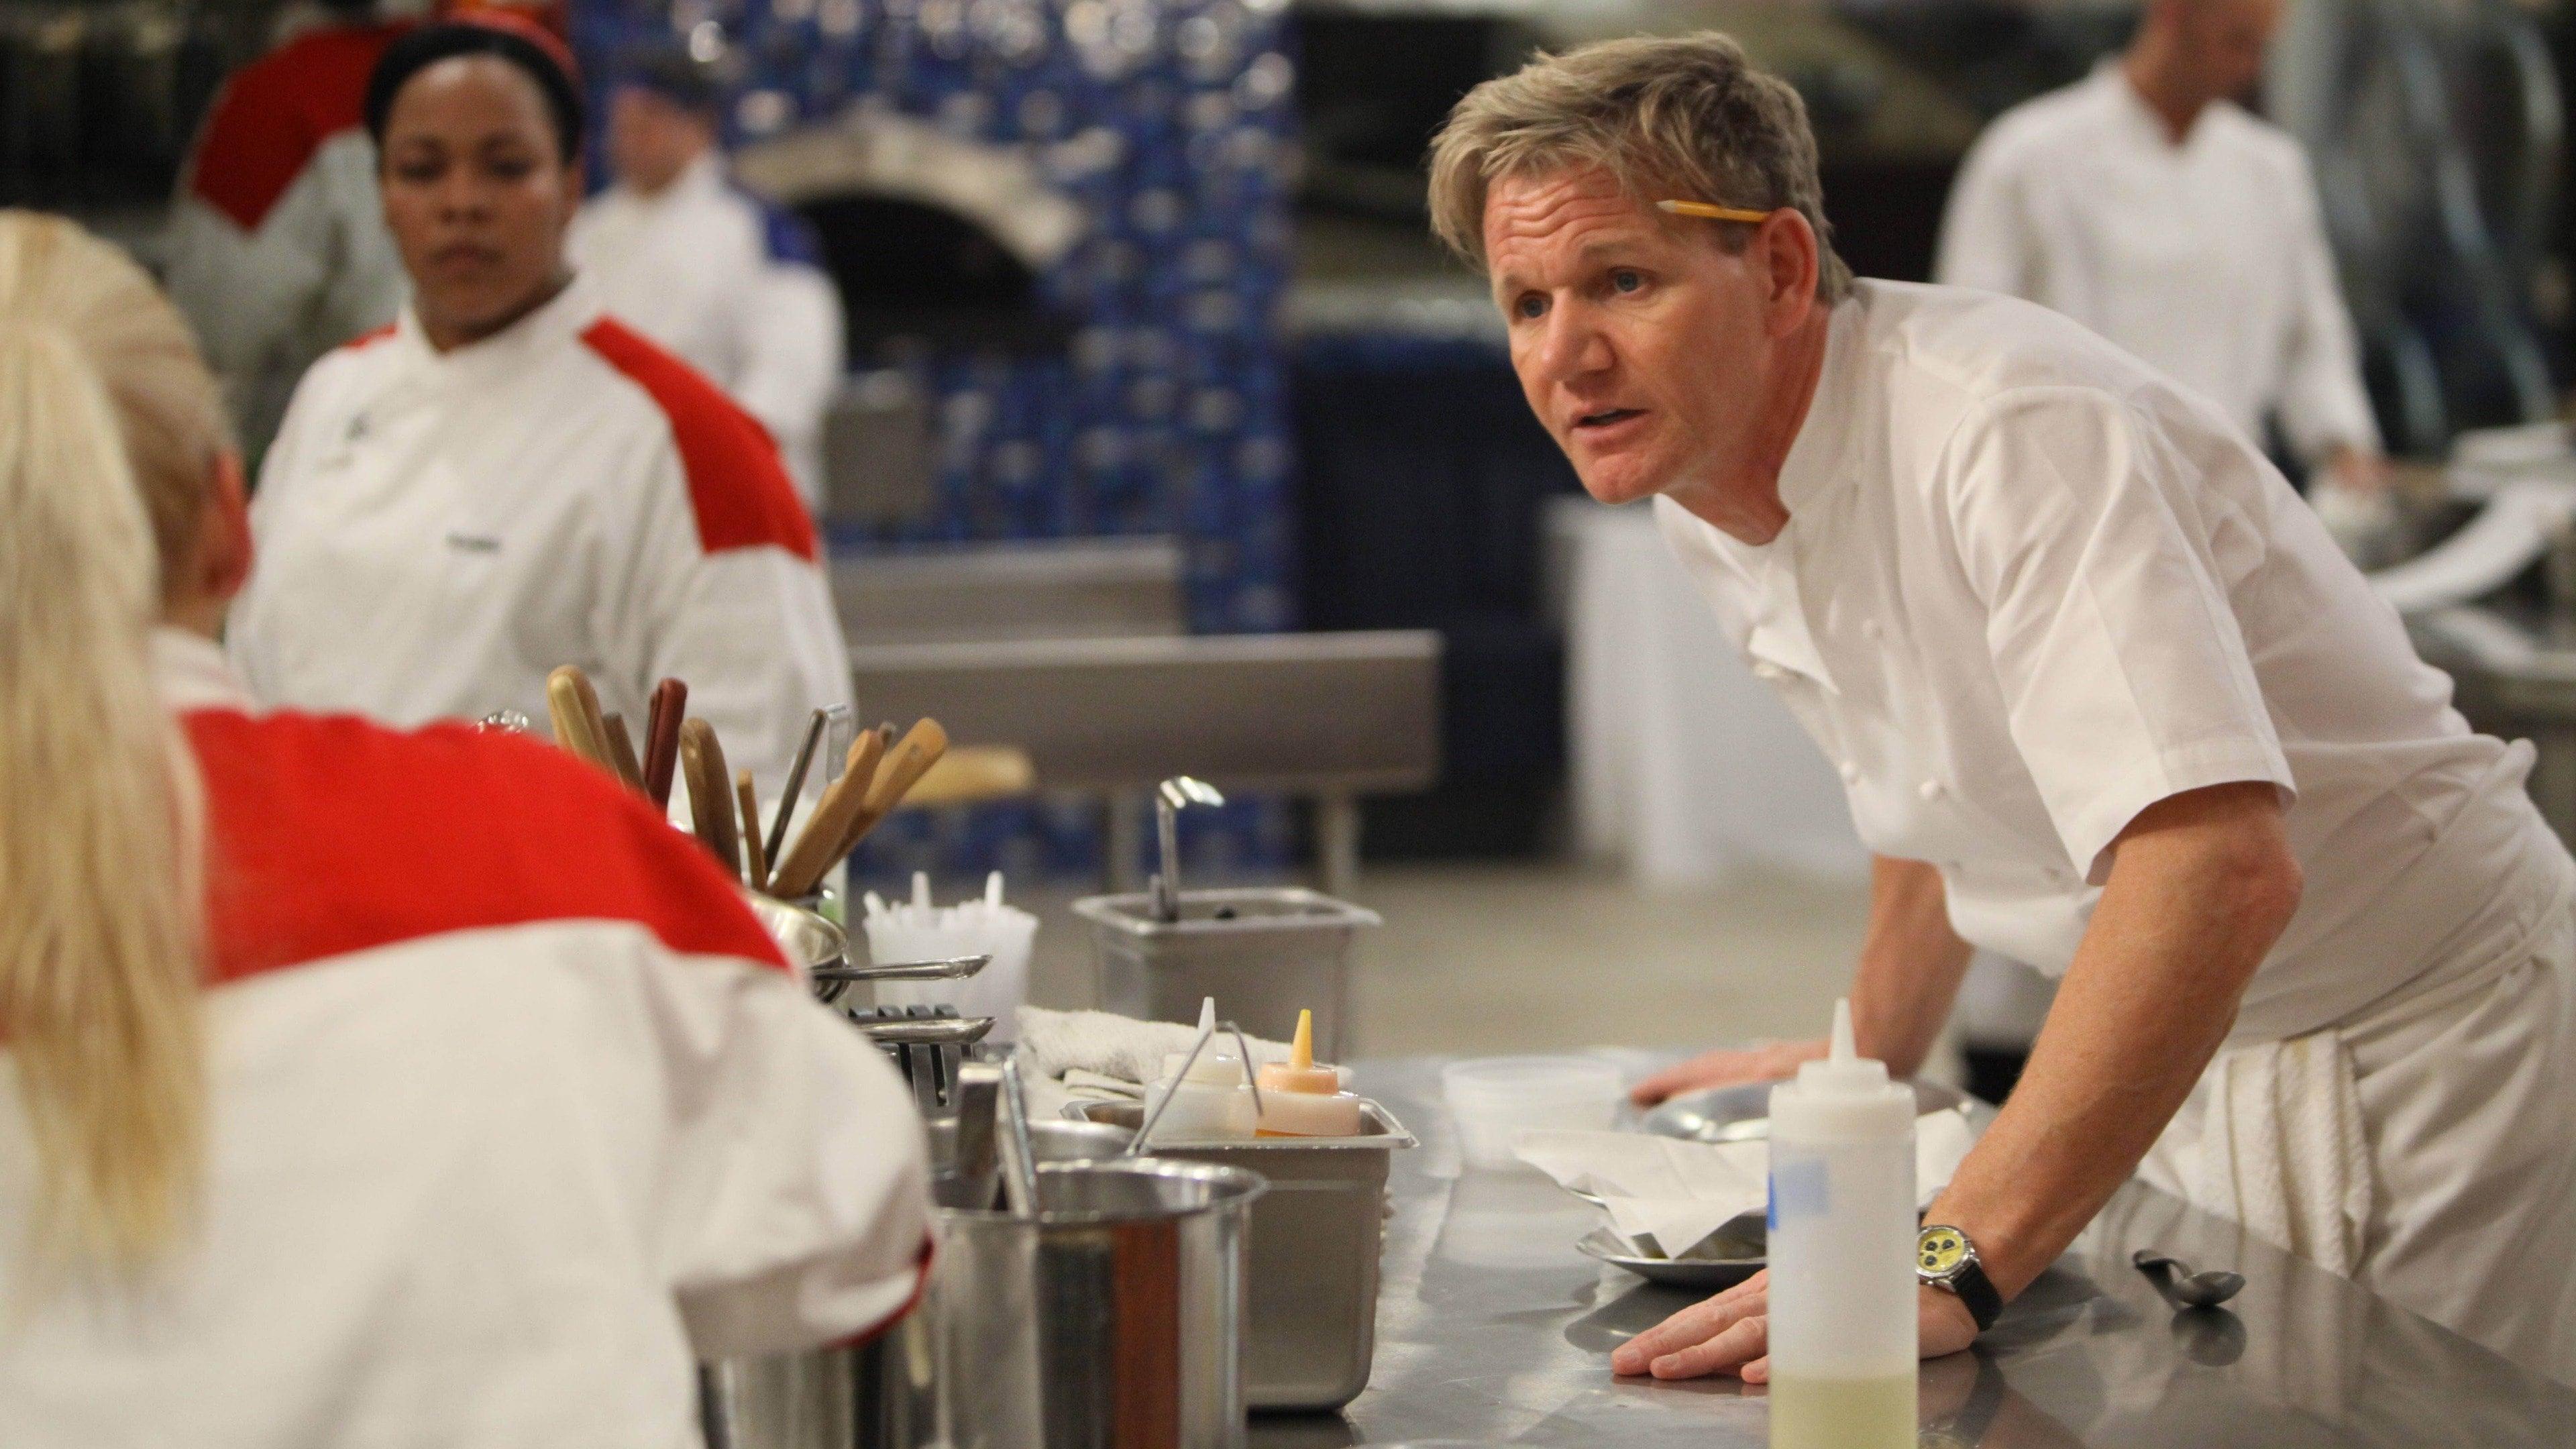 20 Chefs Compete